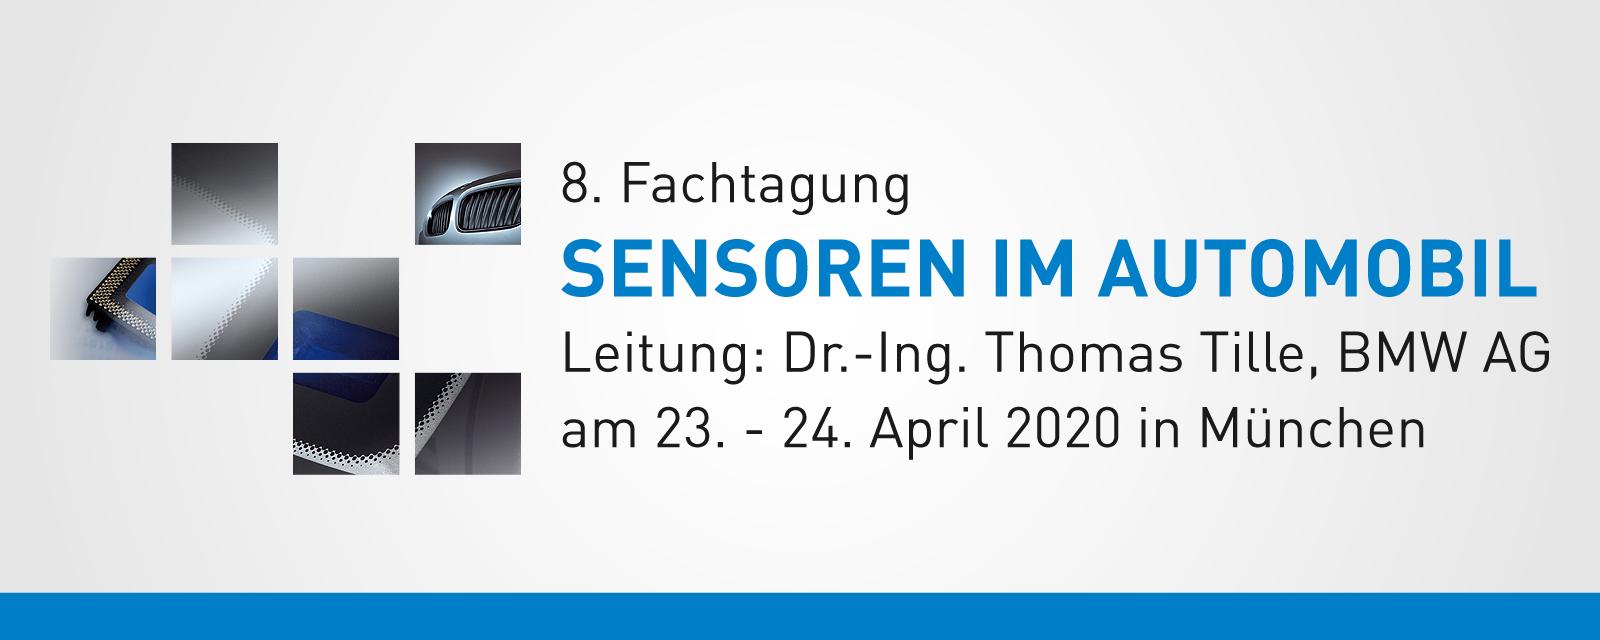 hdt_sensoren-2020_banner_1600px